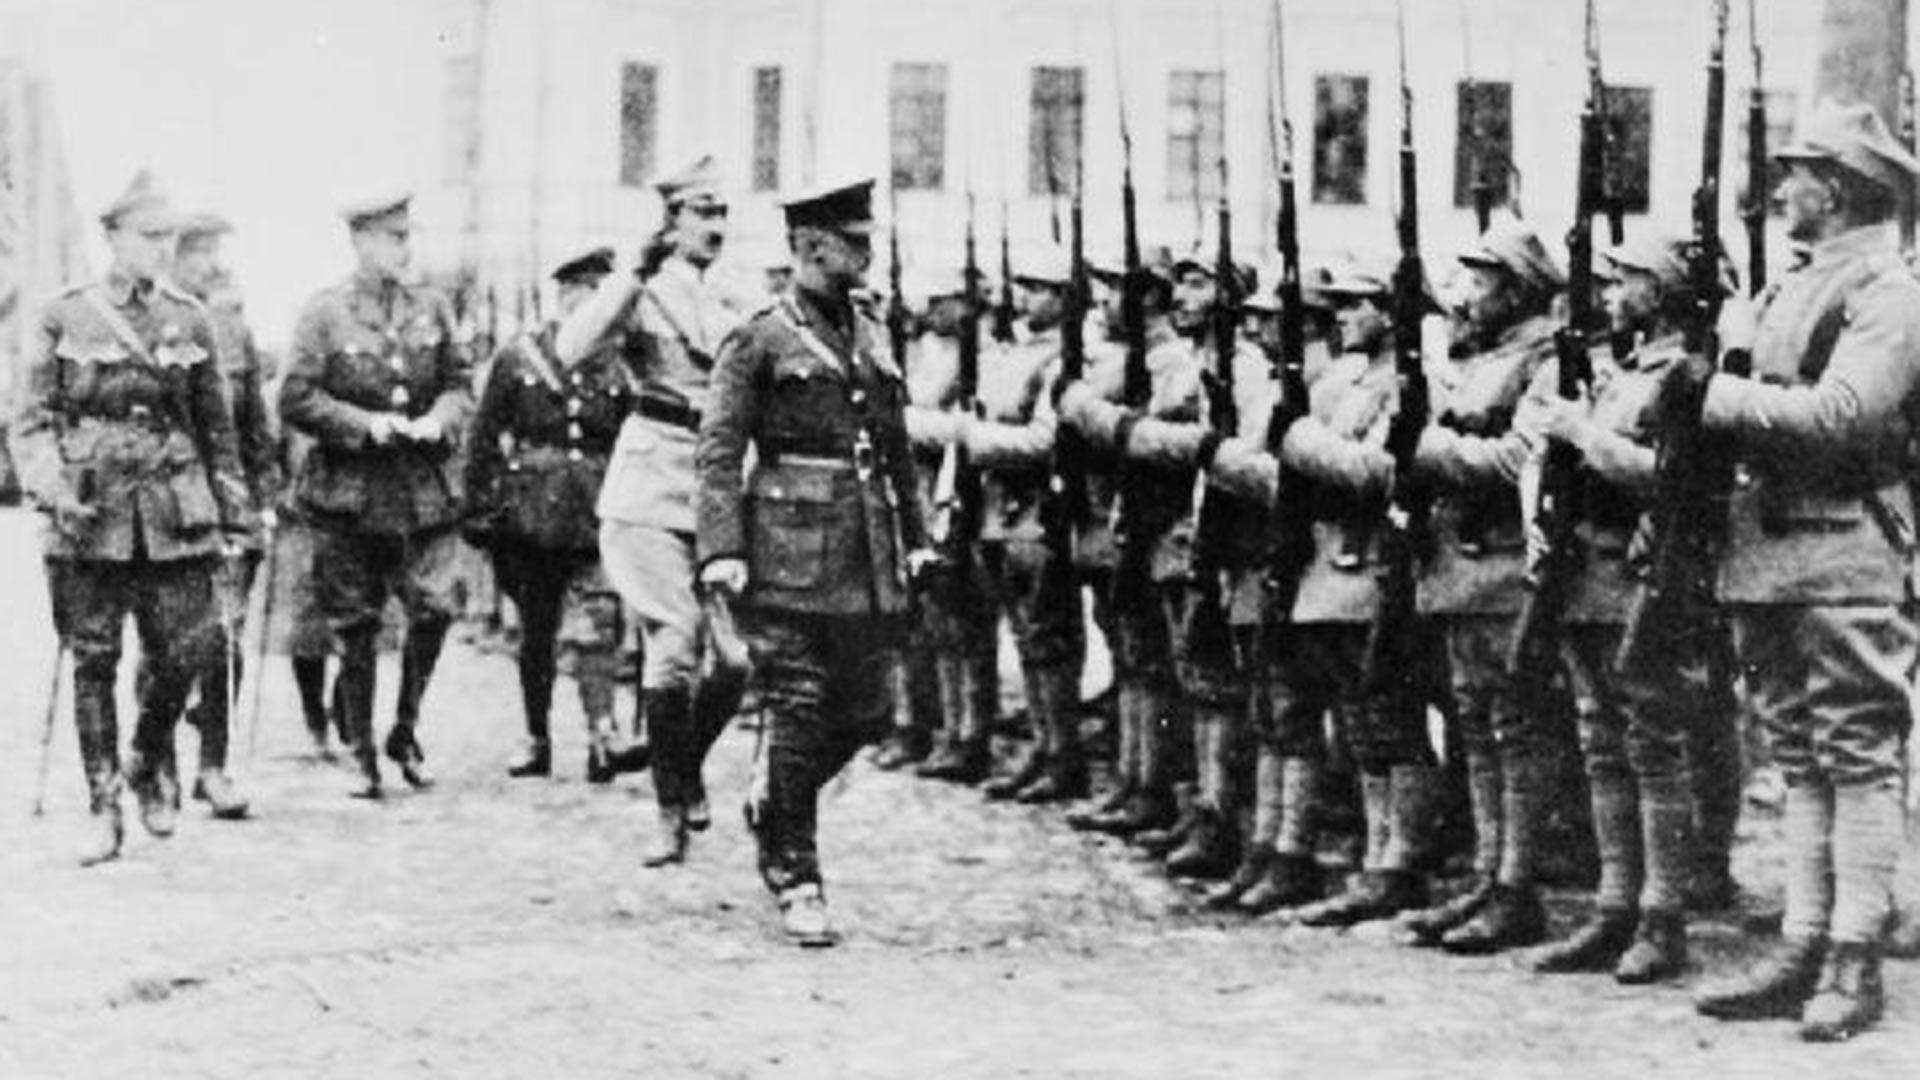 Polnische, britische und französische Offiziere inspizieren eine Abteilung polnischer Truppen des sogenannten Murmansk-Bataillons vor ihrer Abreise zur Front, Erzengel 1919.